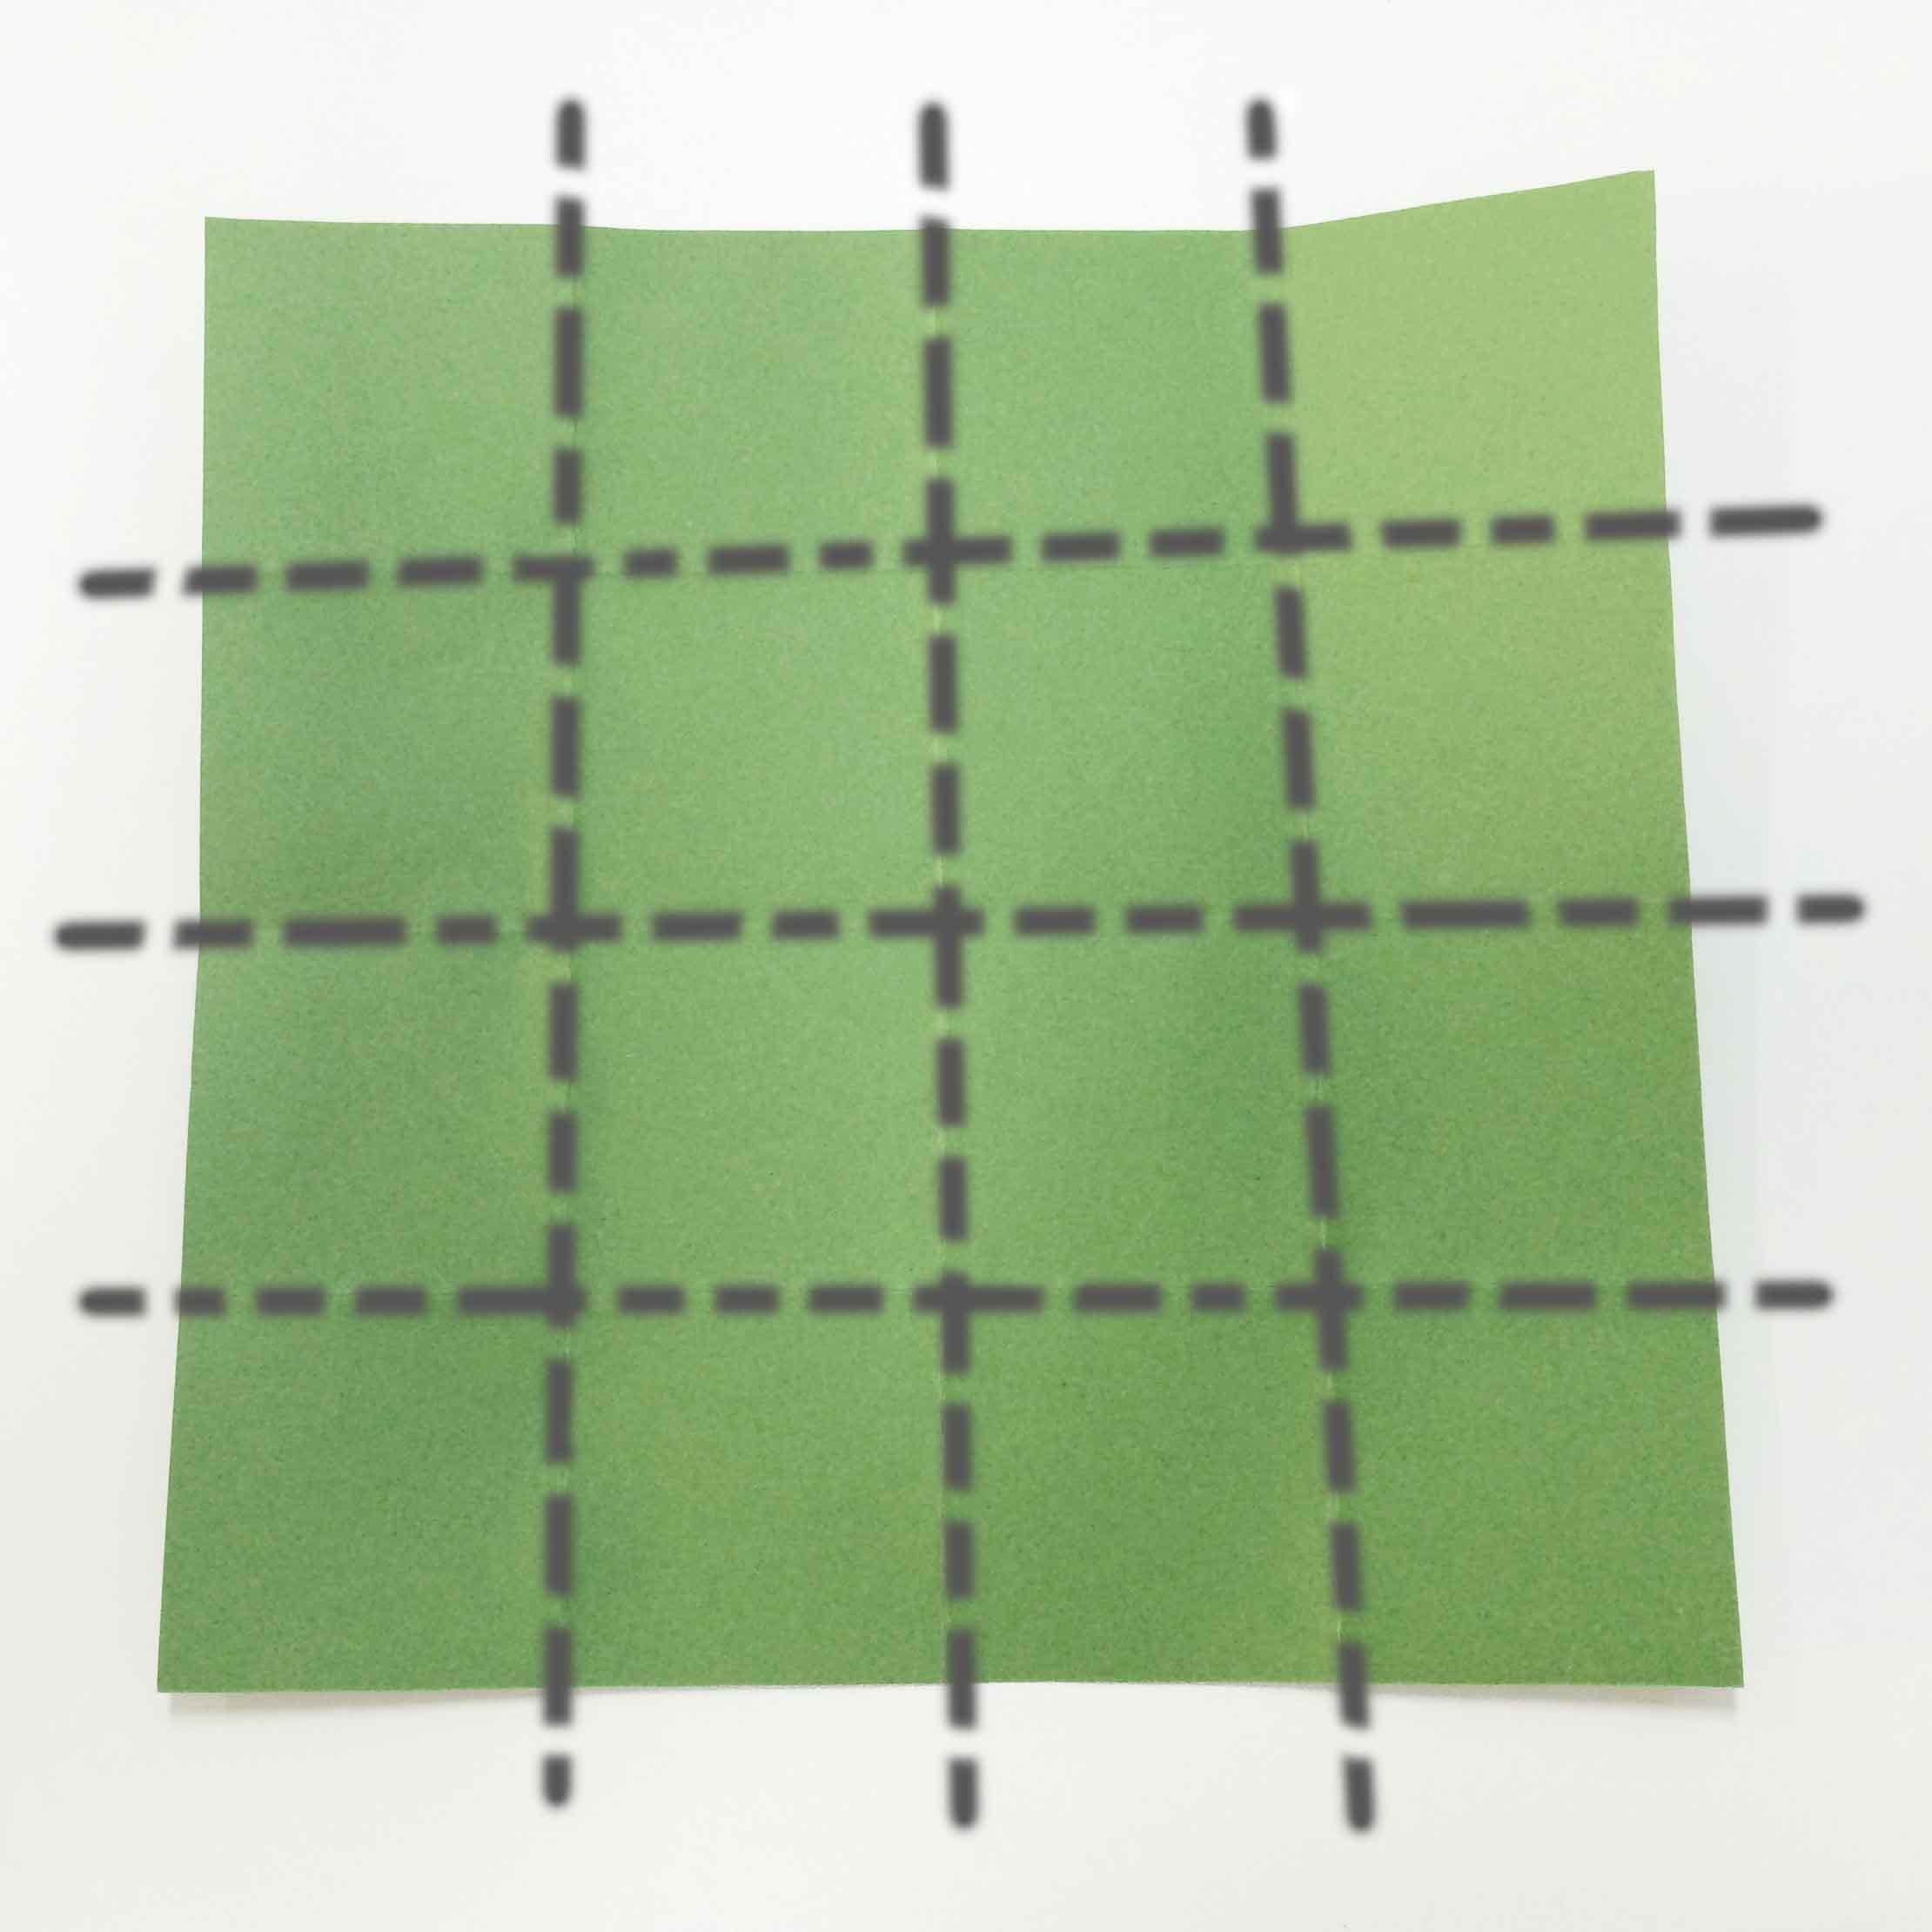 2. 把彩紙旋轉90°,按剛才的方法折疊,,,,共折疊成16等分!